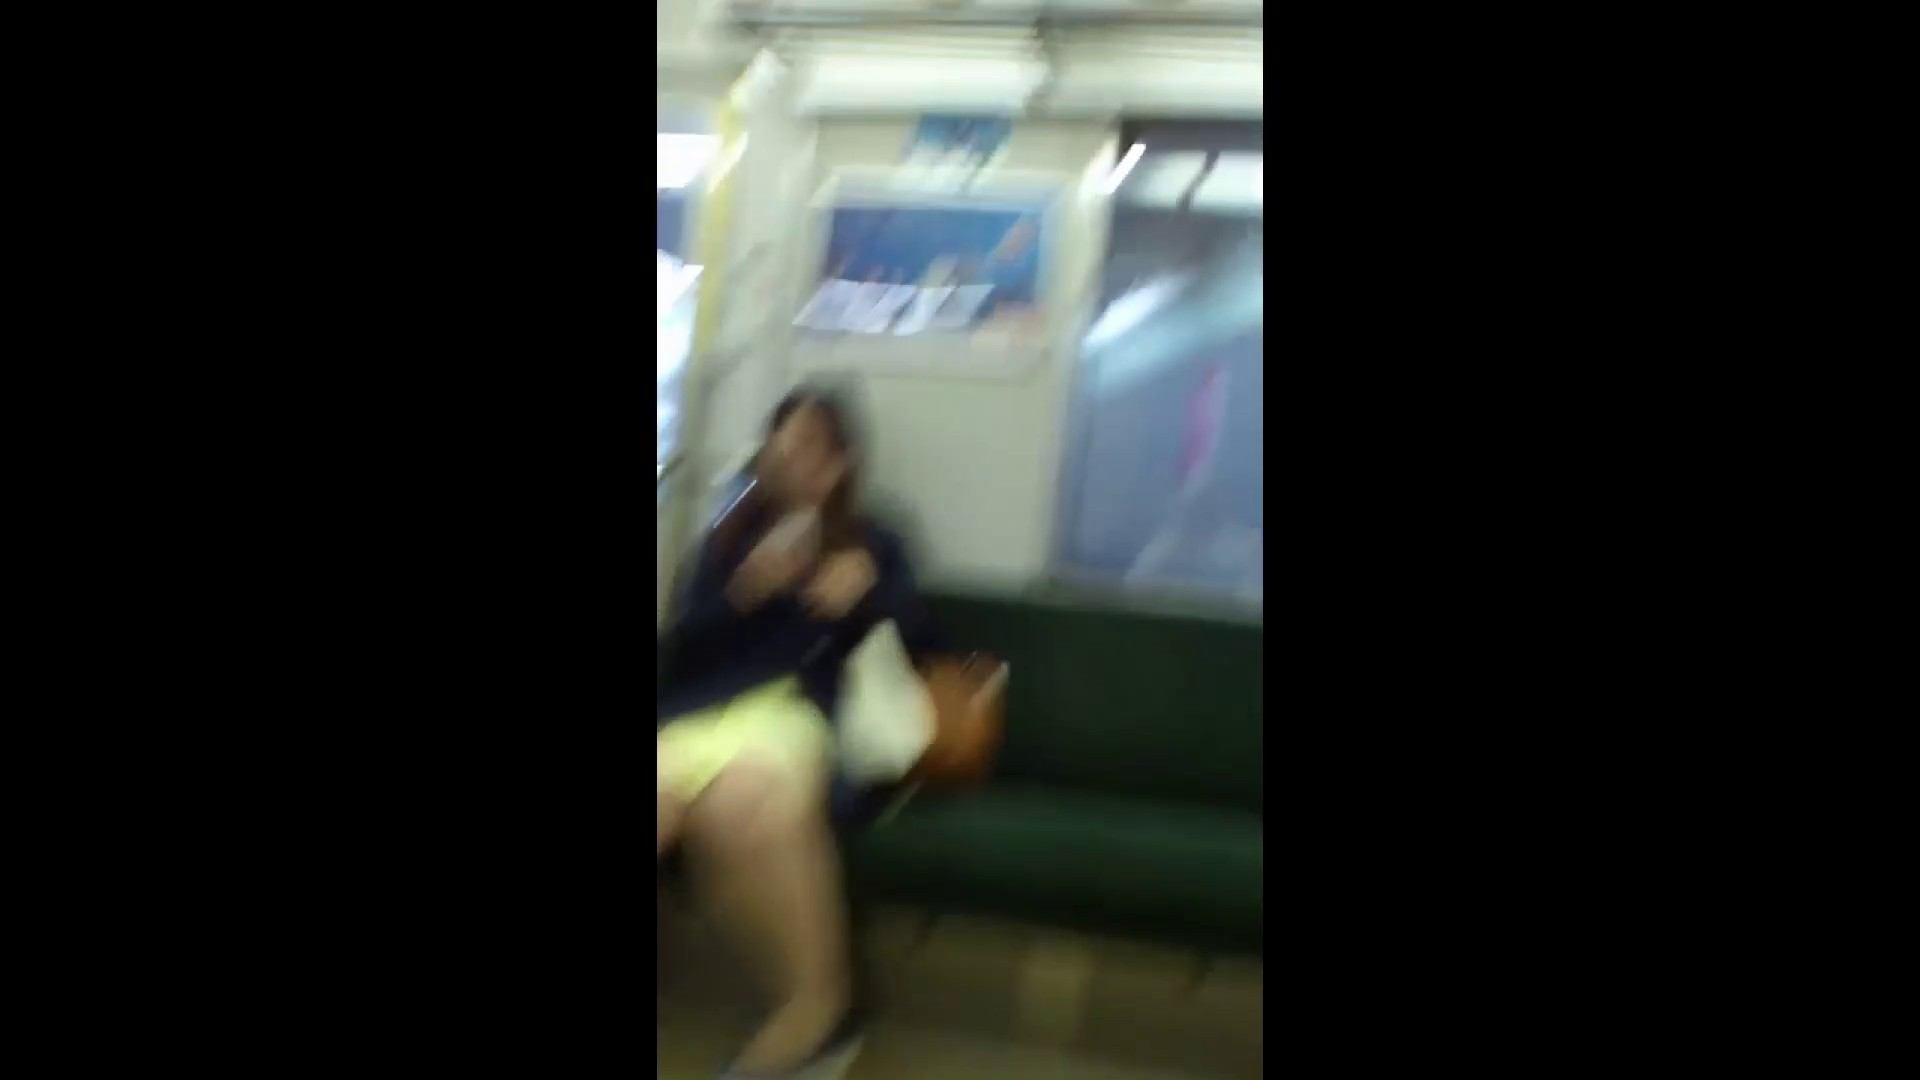 盗撮列車 Vol.54 春色の黄色のスカート ギャル攻め エロ画像 83画像 65